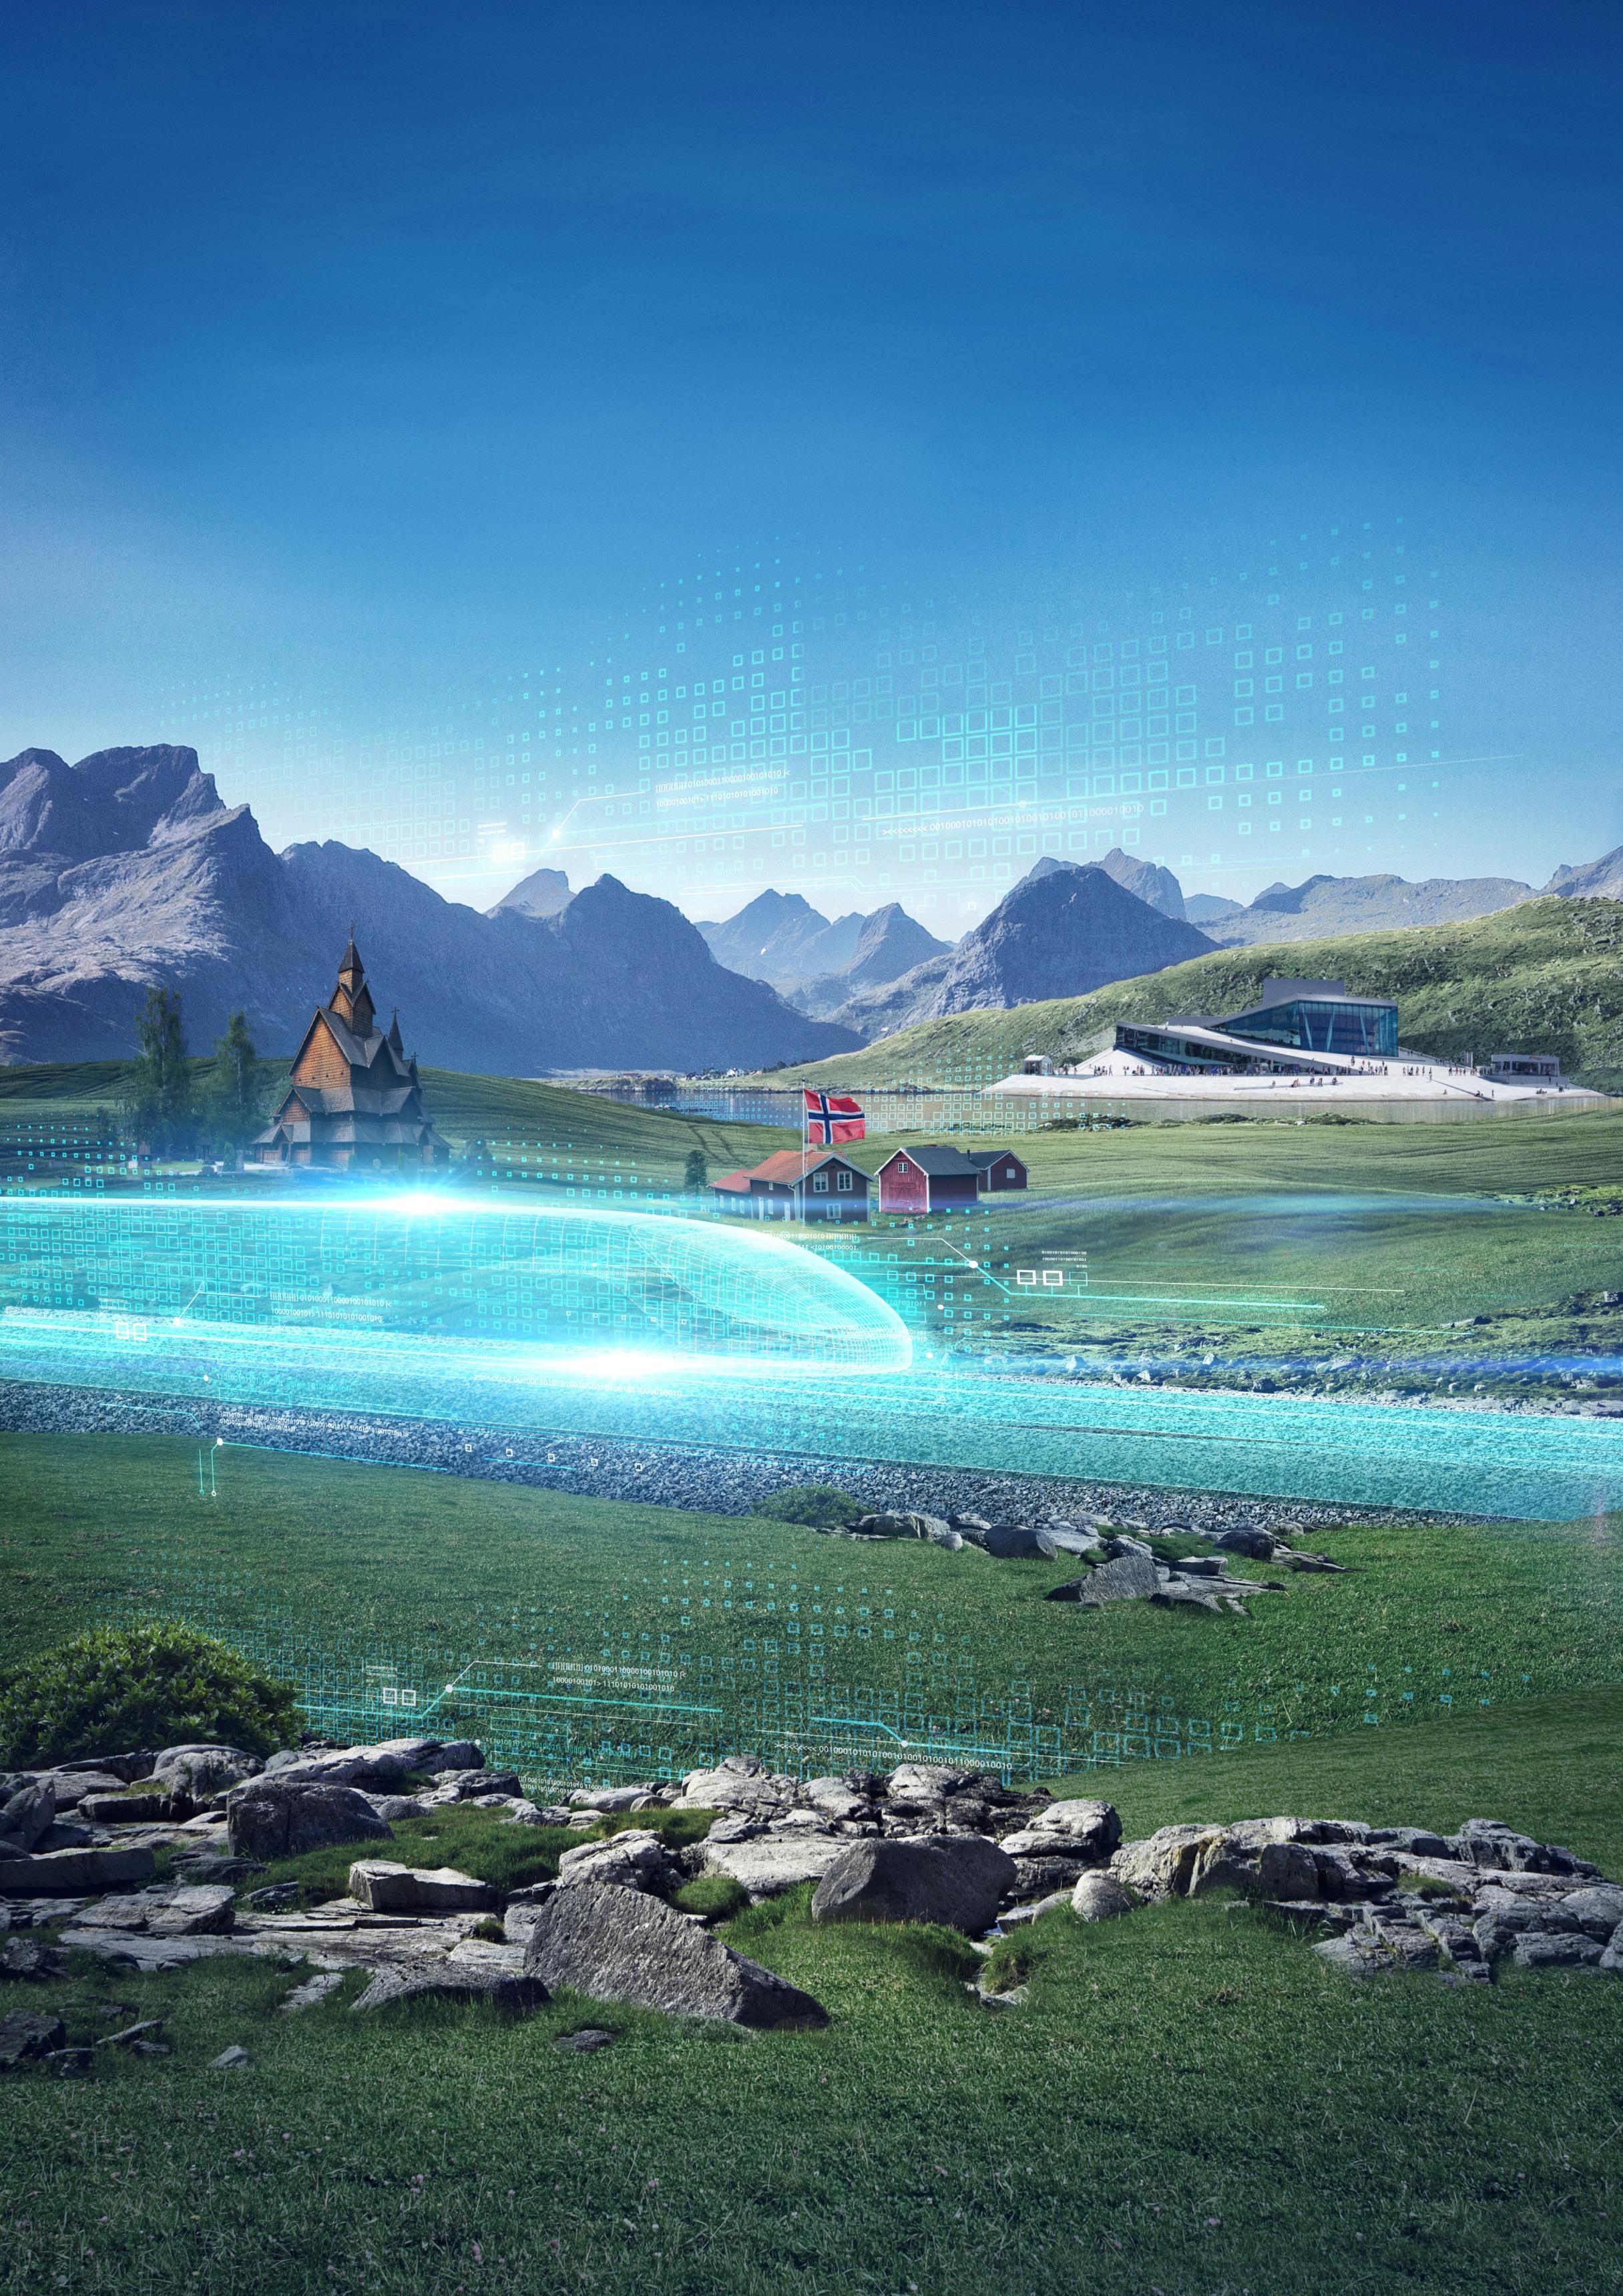 ETCS poziomu 2 od Siemensa dla Norwegii. Koniec inwestycji na linii w 2034 roku